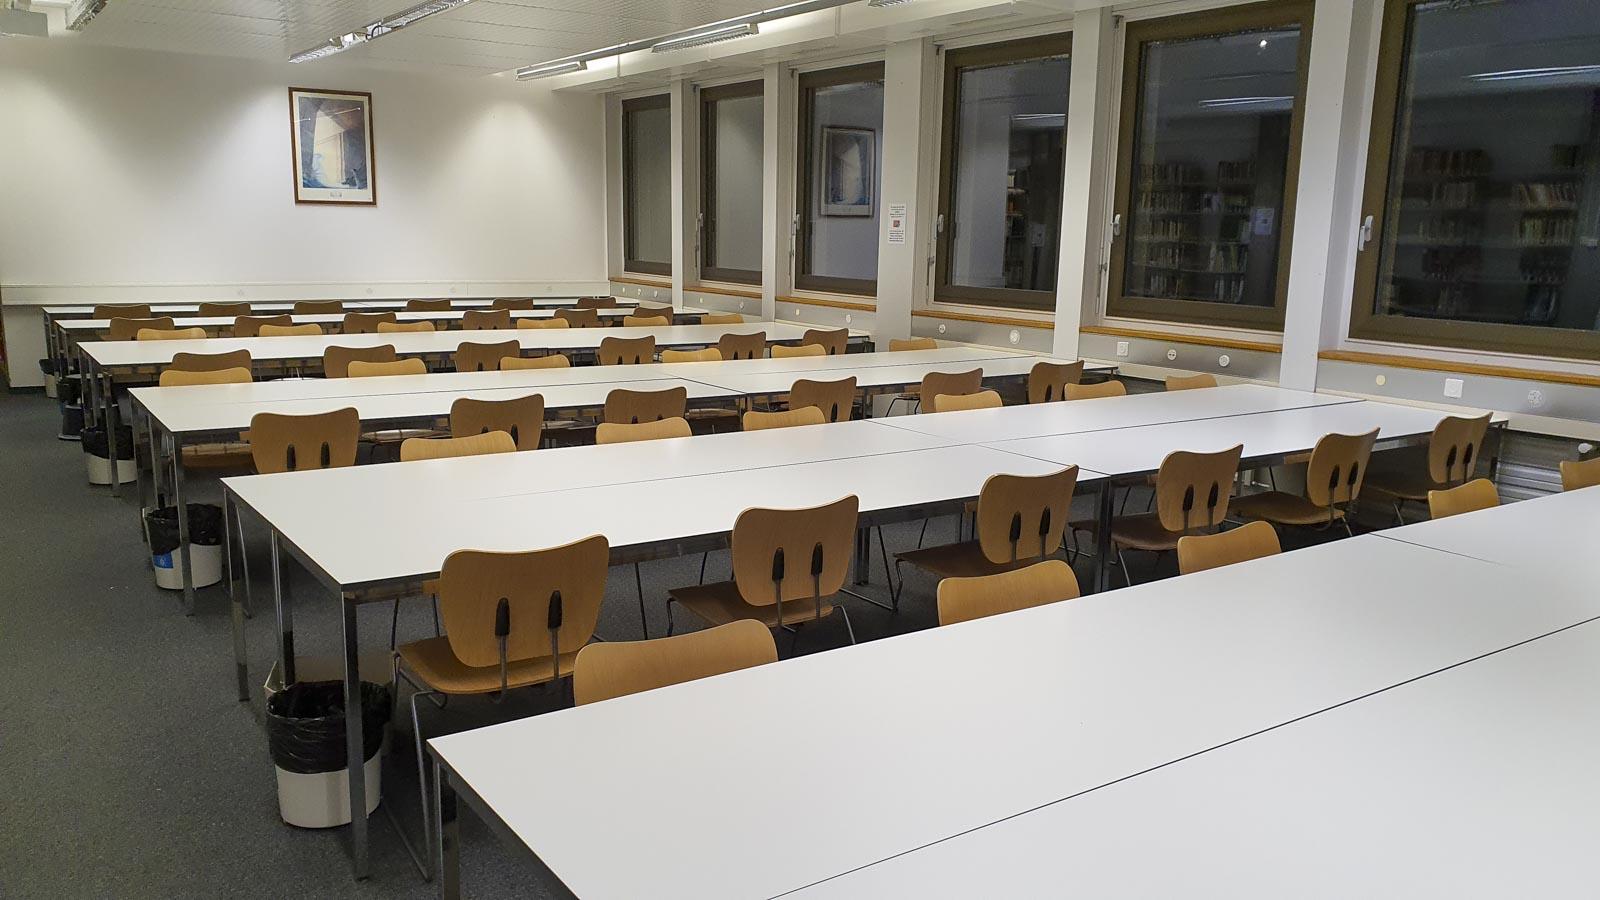 Wooddesign_öffentliche Bauten_Uni Freiburg_Möbel_Arbeitstische_Bibliothek_Pult_Tische.jpg (5)